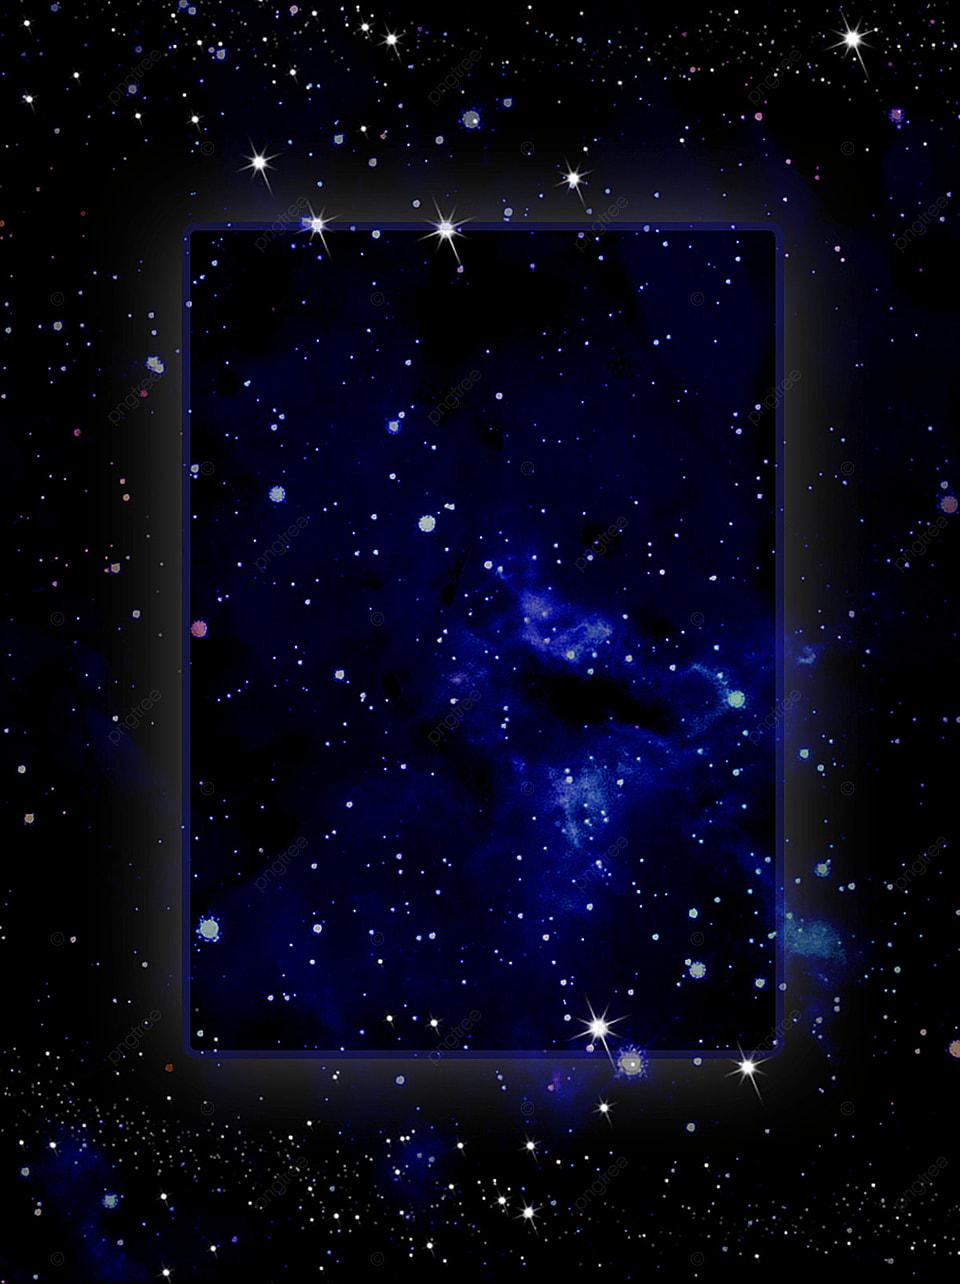 Le Ciel En Arriere Plan Aurora Aurore Boreale Les Etoiles Bleu